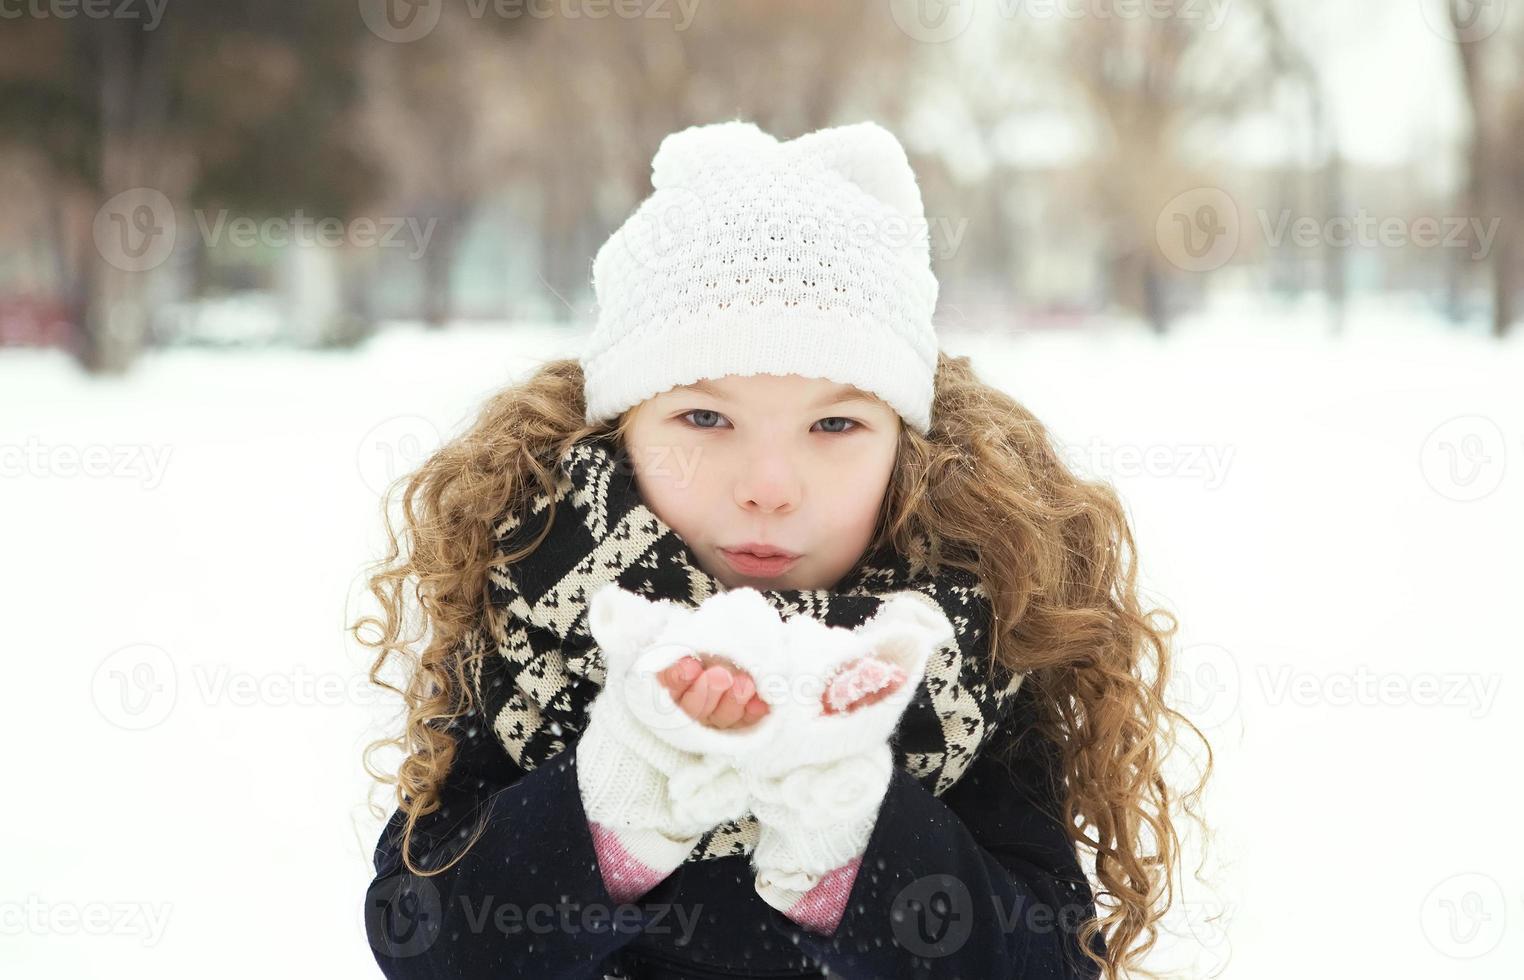 bambina sorridente in inverno, parco freddo foto